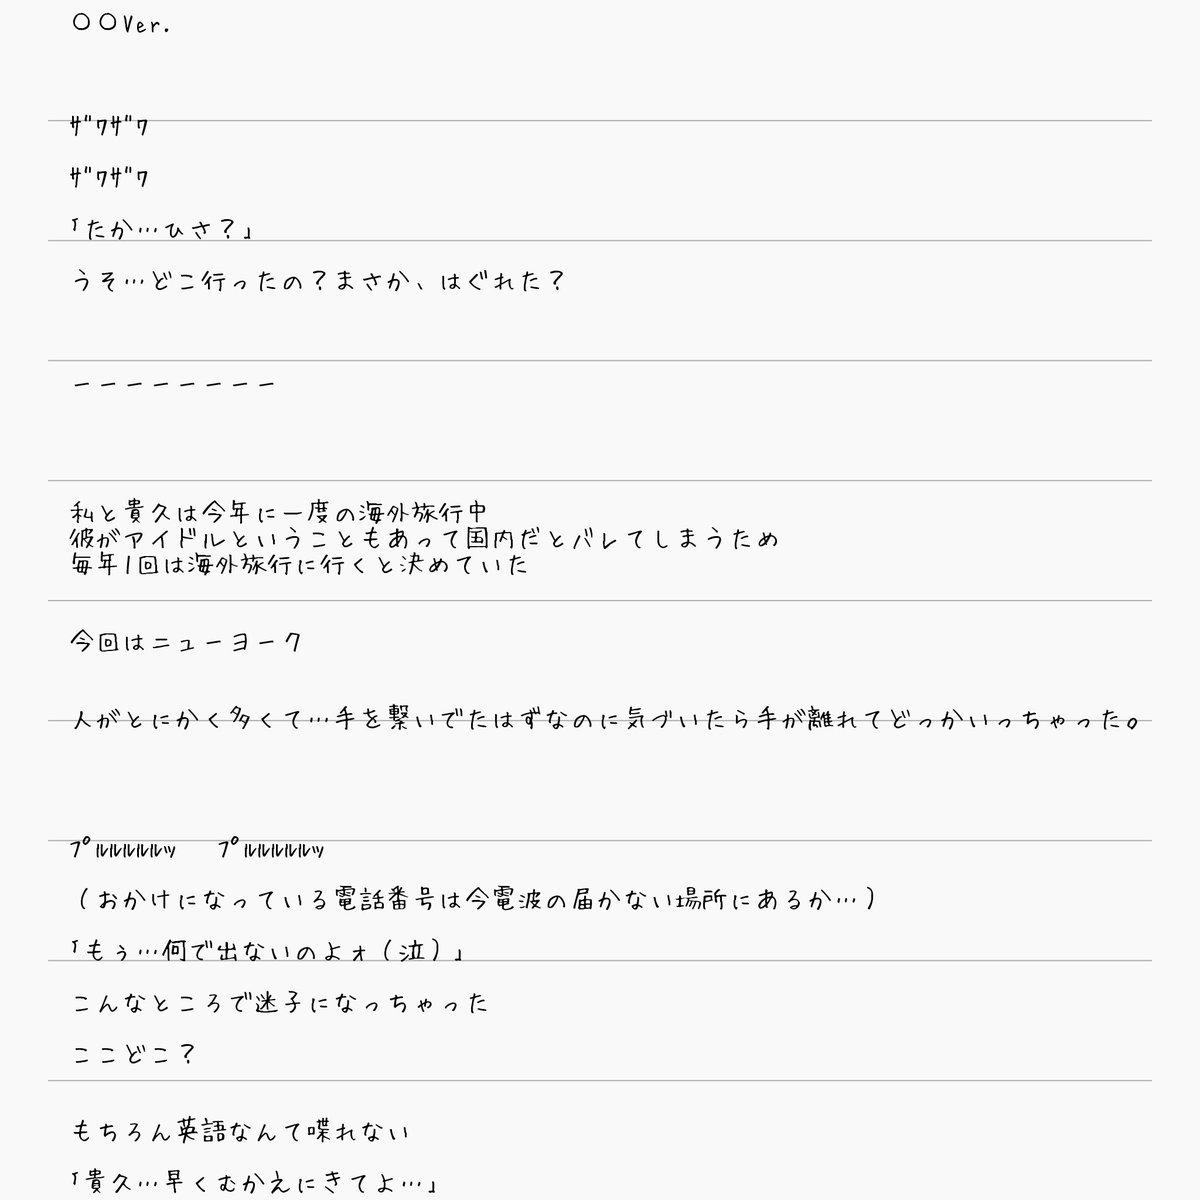 ツイッター 増田 貴久